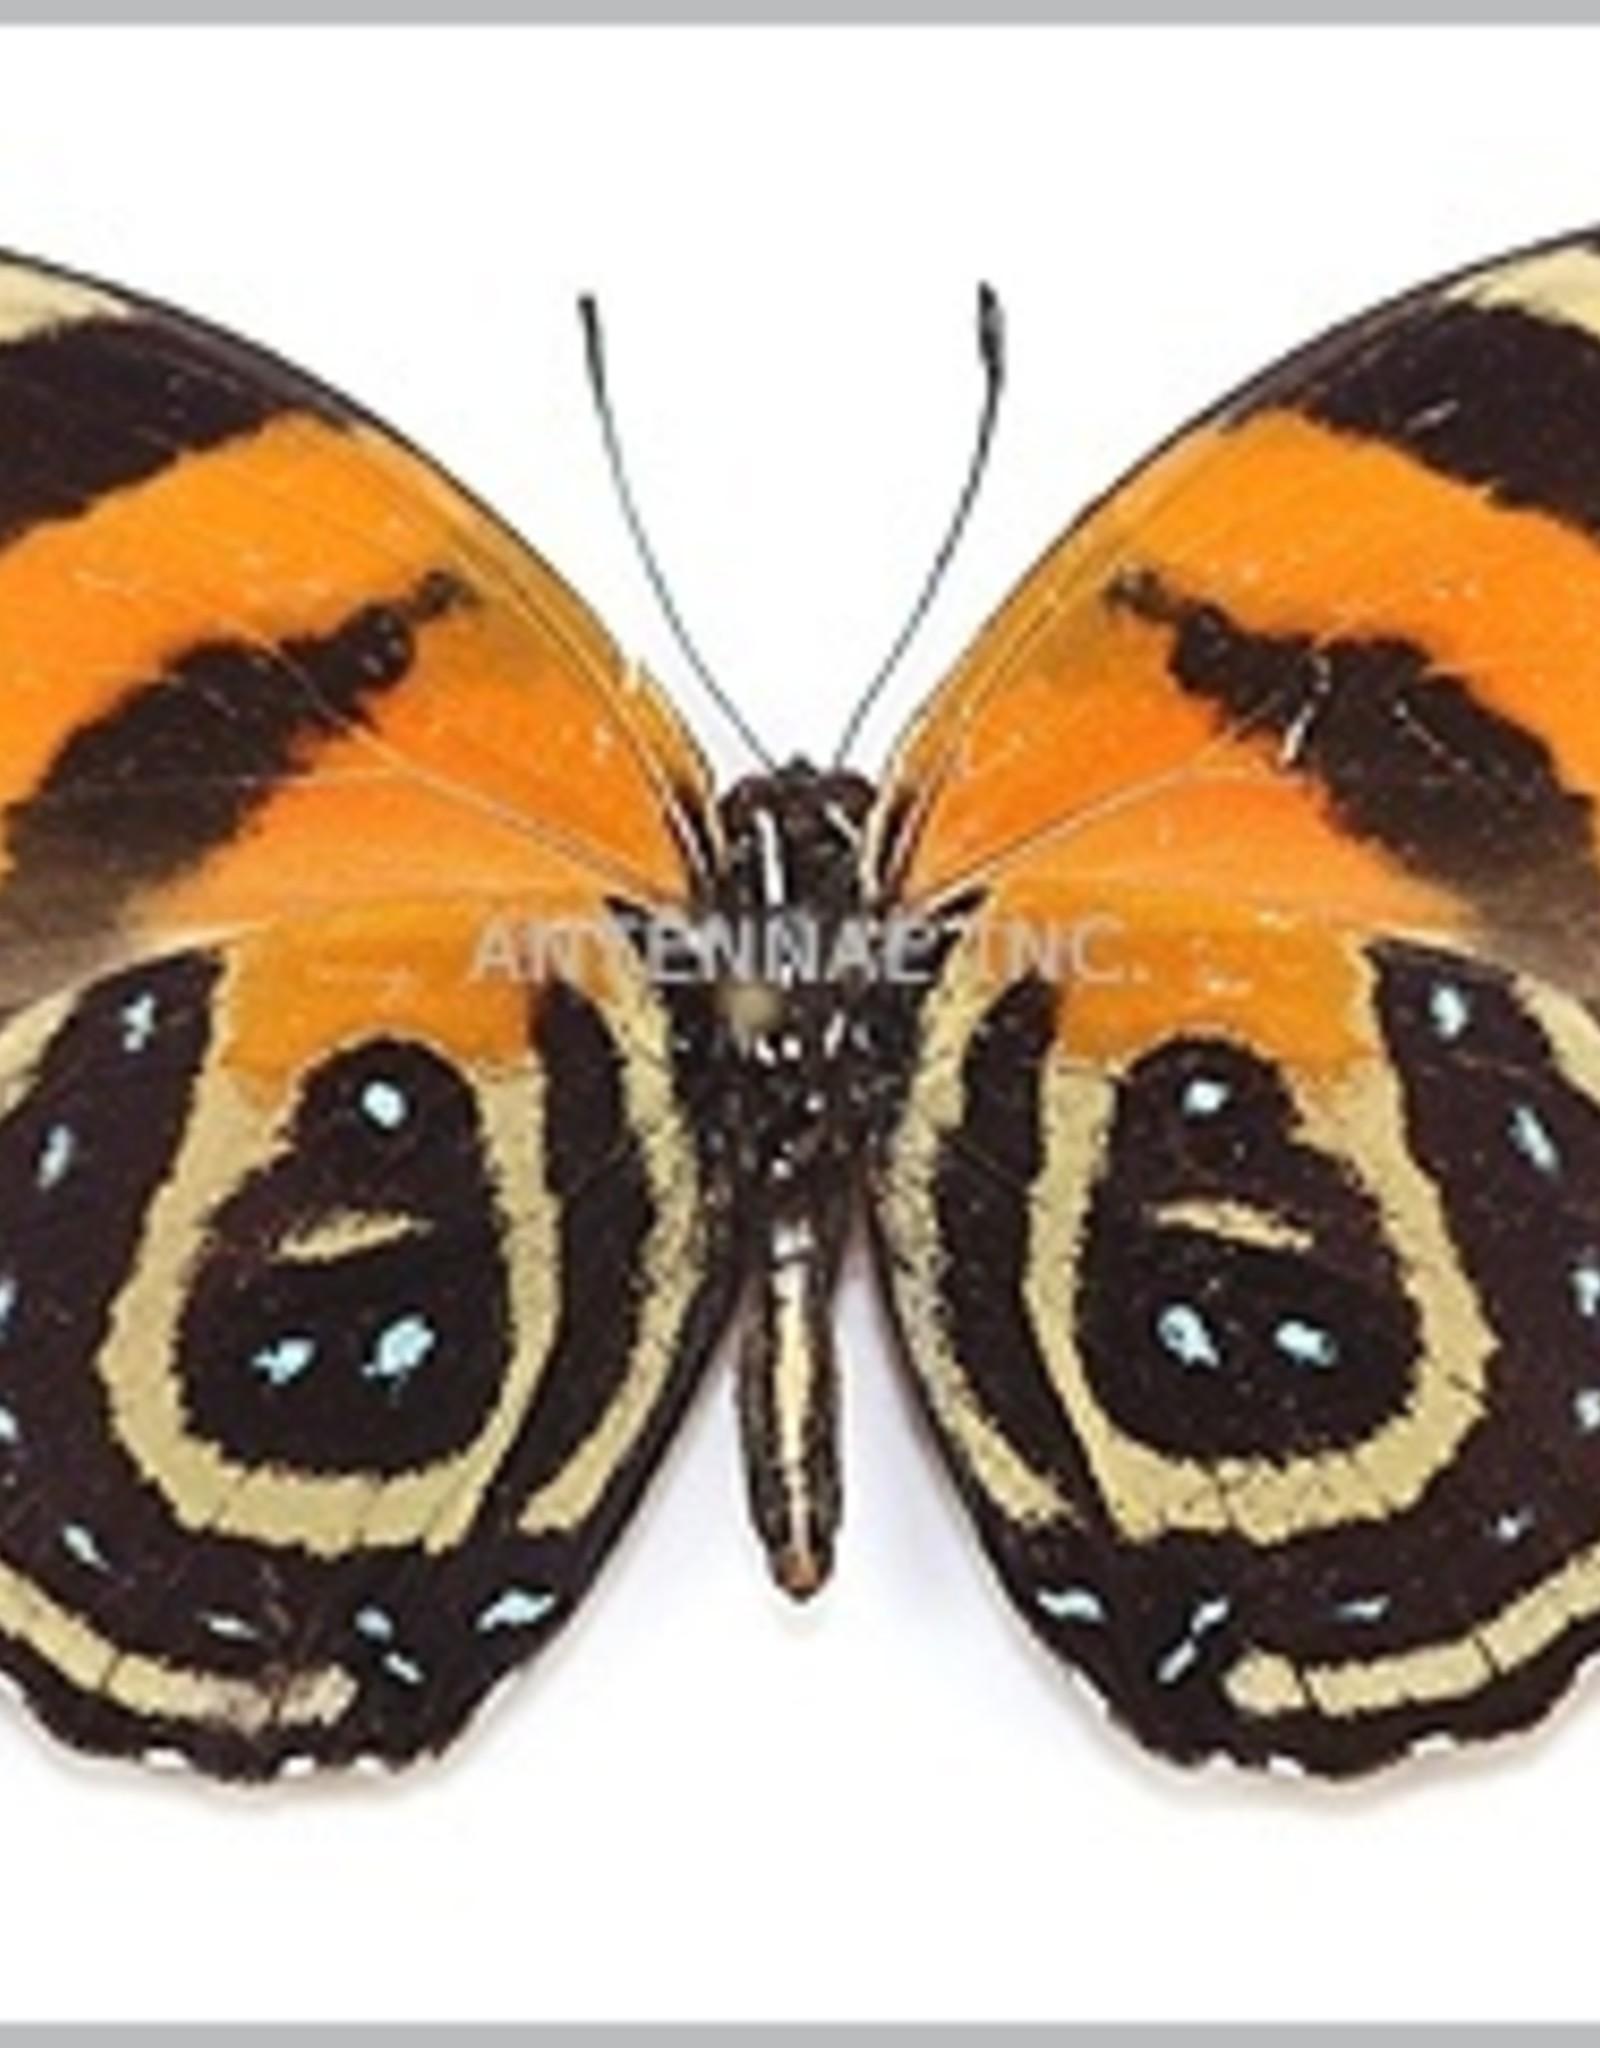 Callicore cynosura M A1 Peru